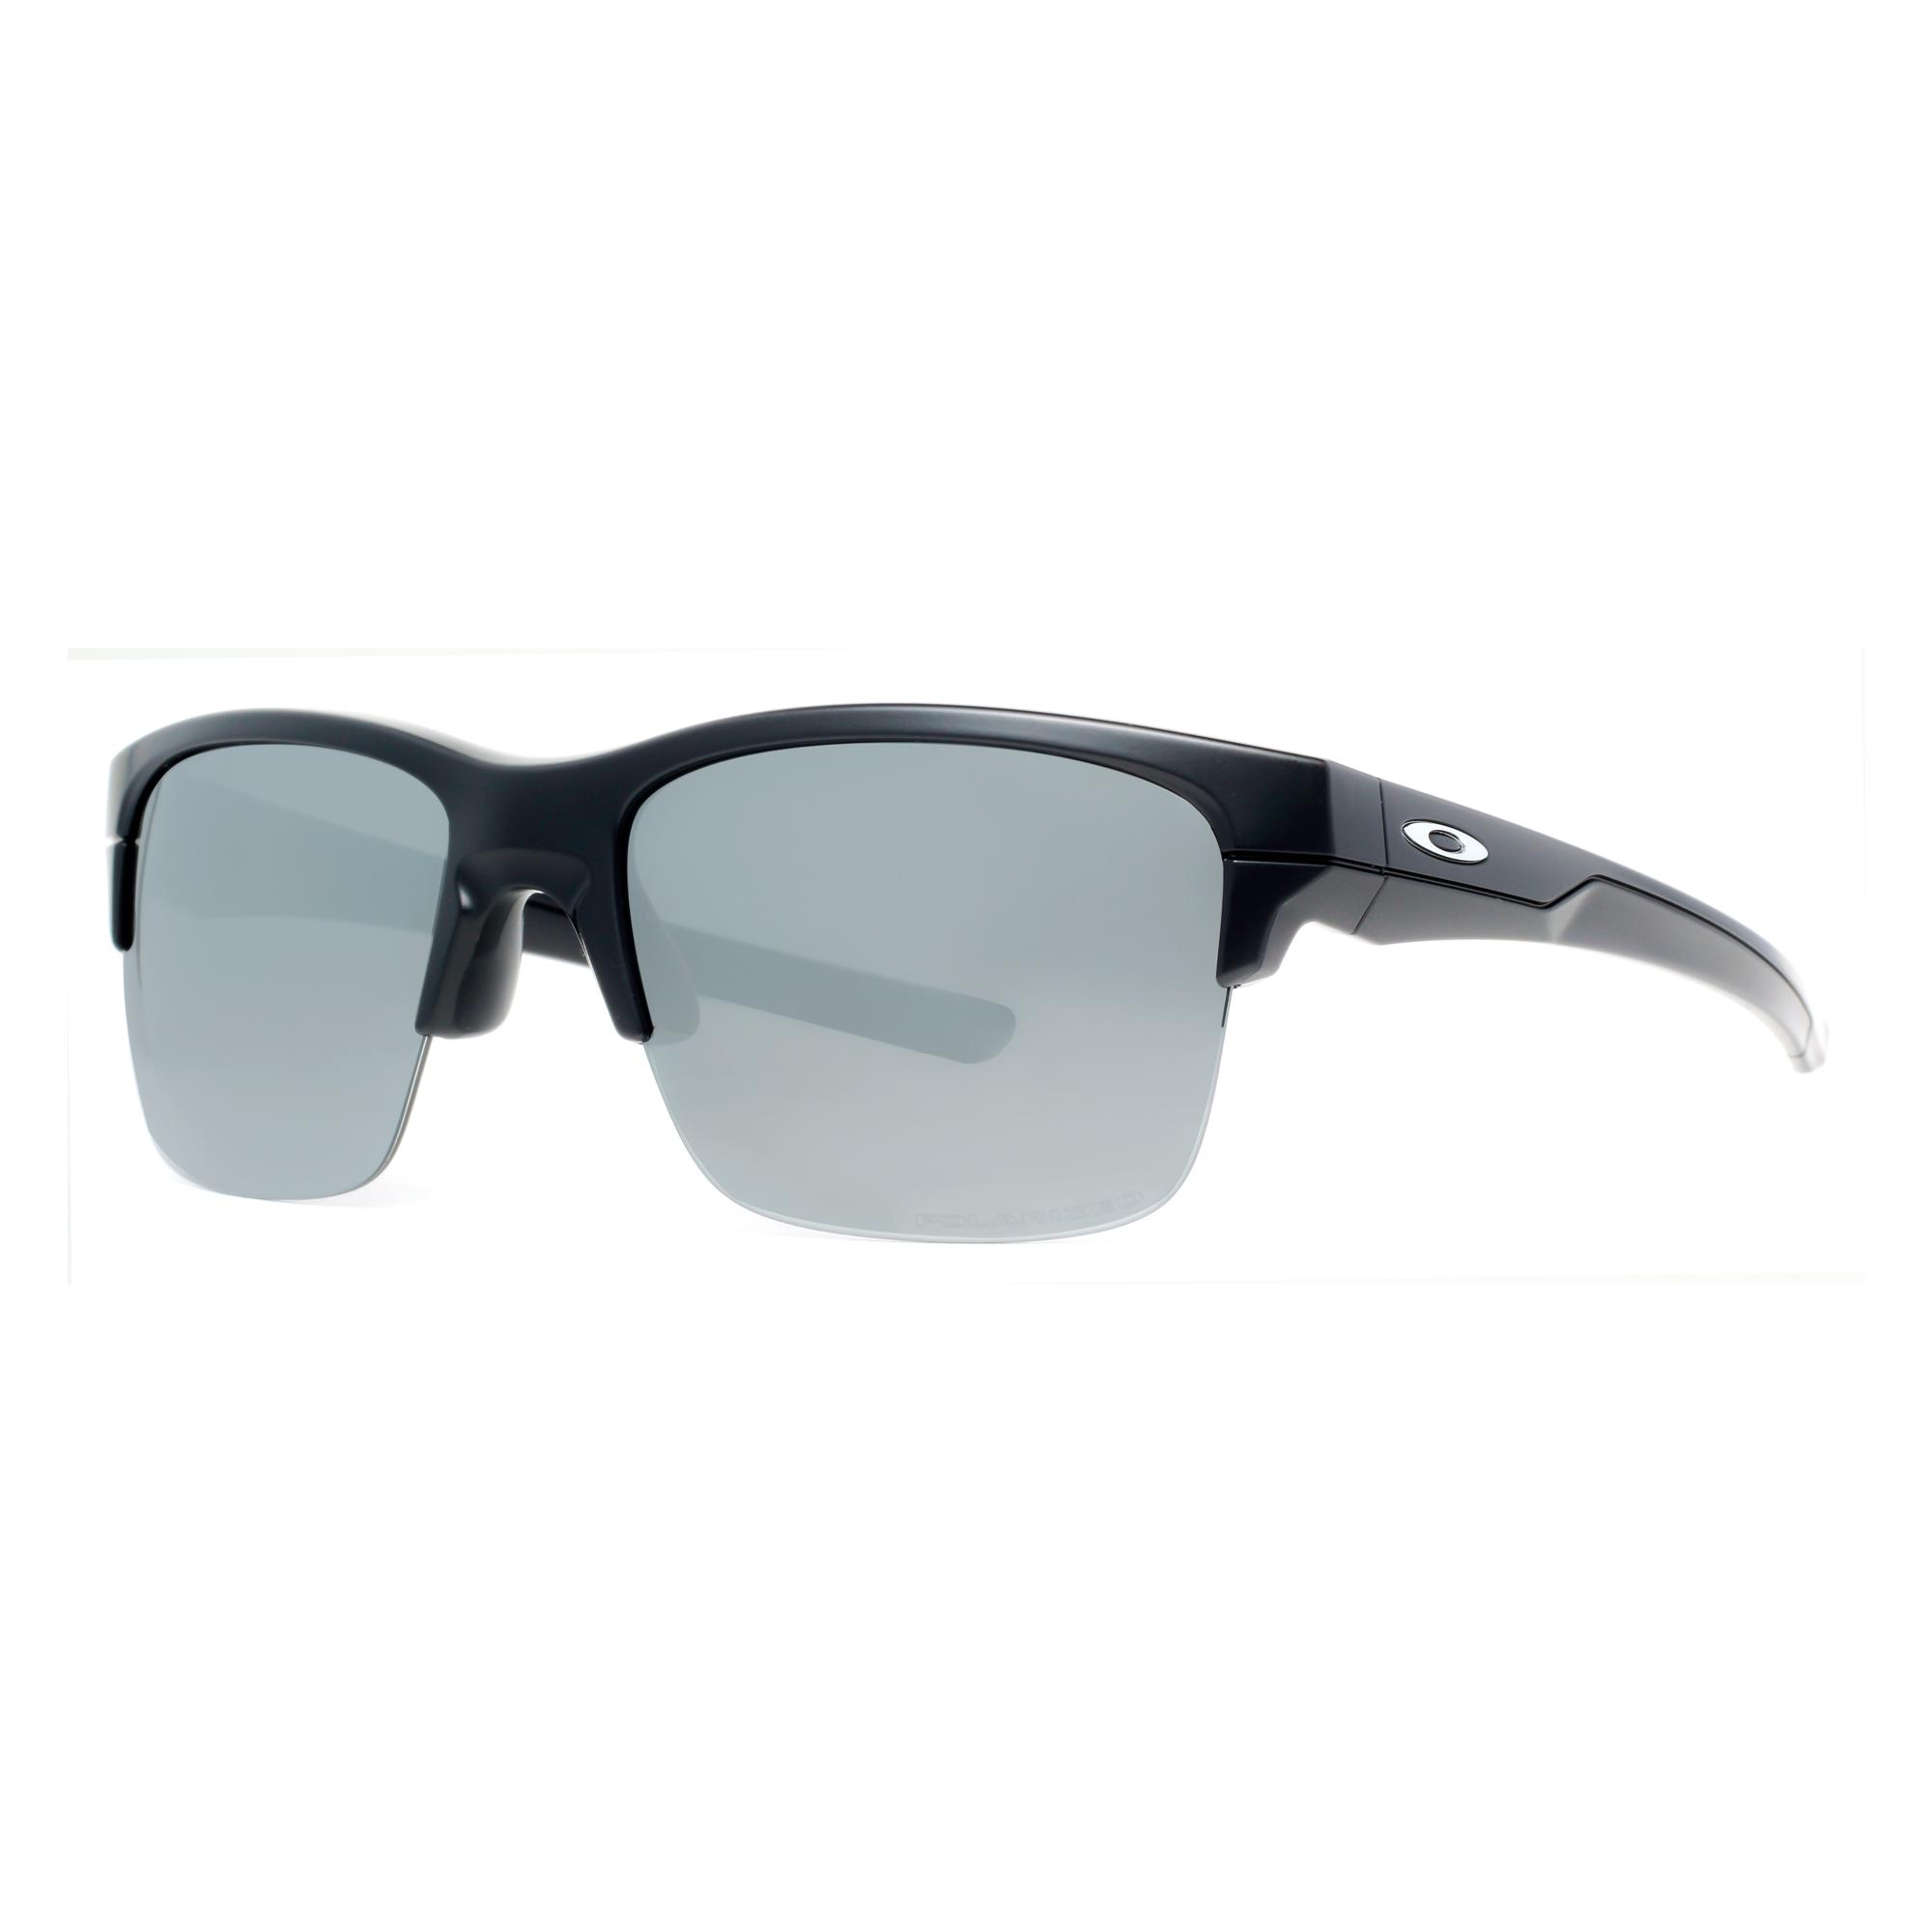 Oakley Thinlink OO9316 Men's Sport Sunglasses   eBay